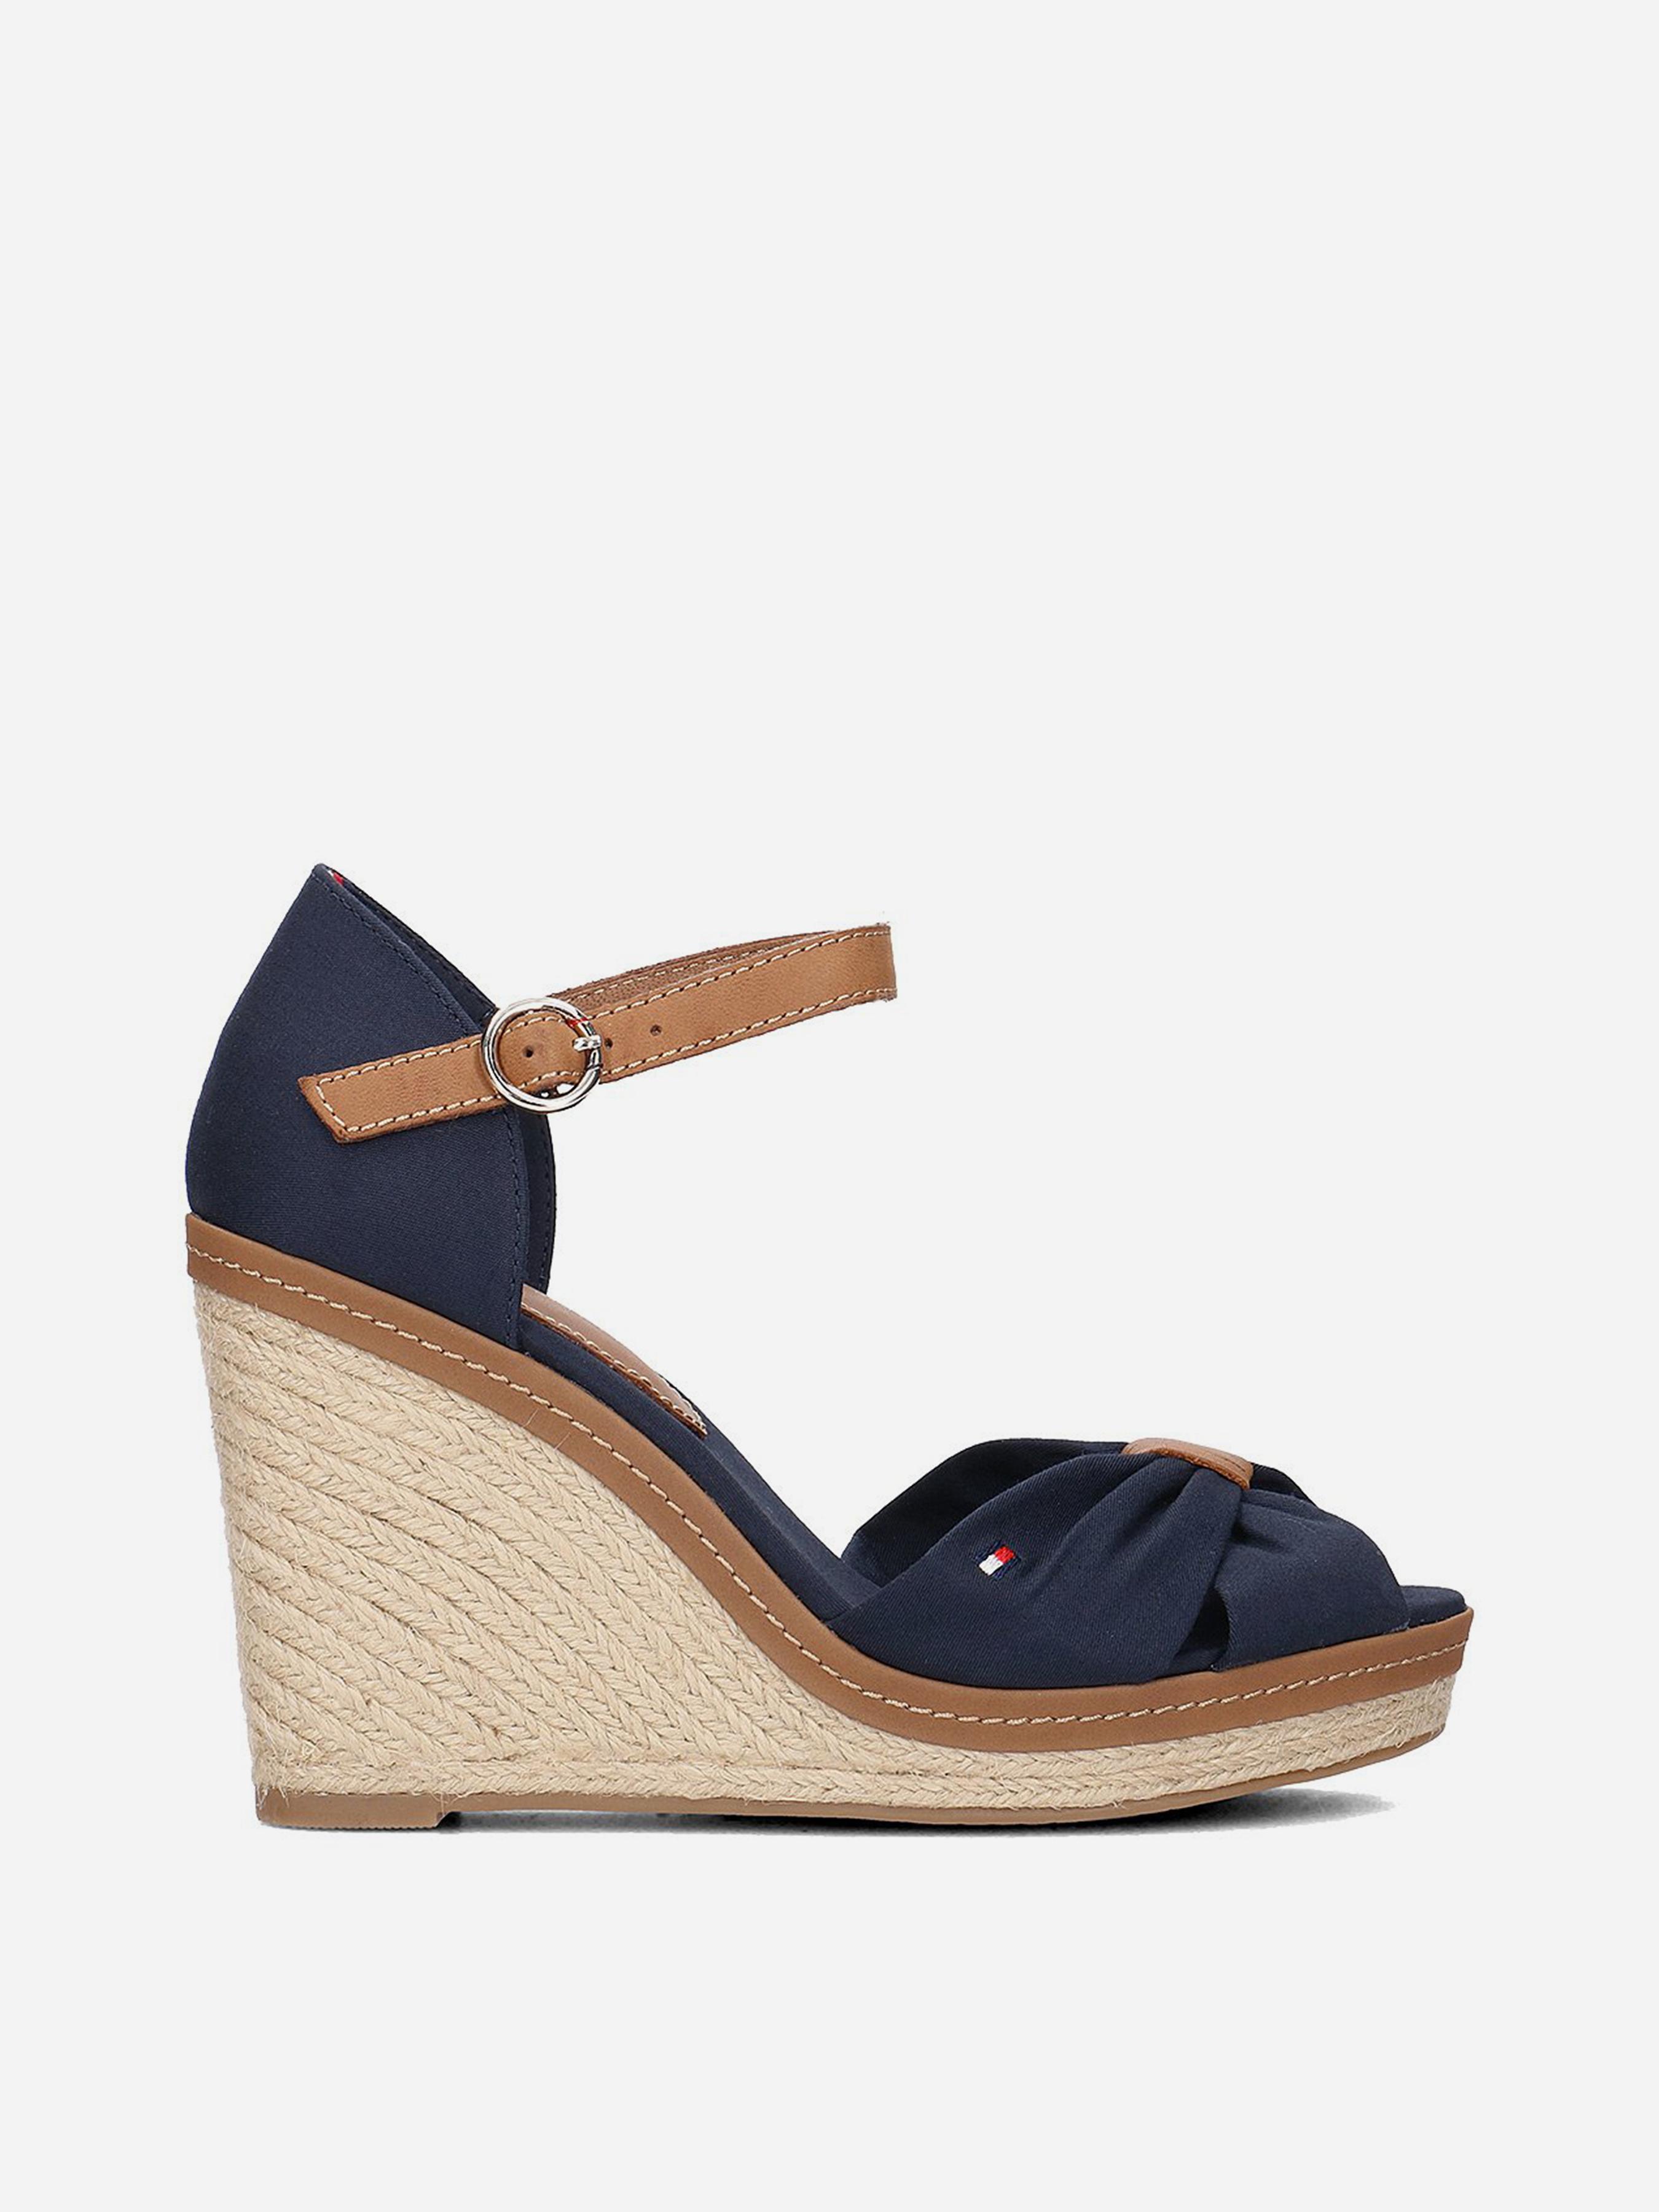 Босоножки женские Tommy Hilfiger TD945 модная обувь, 2017